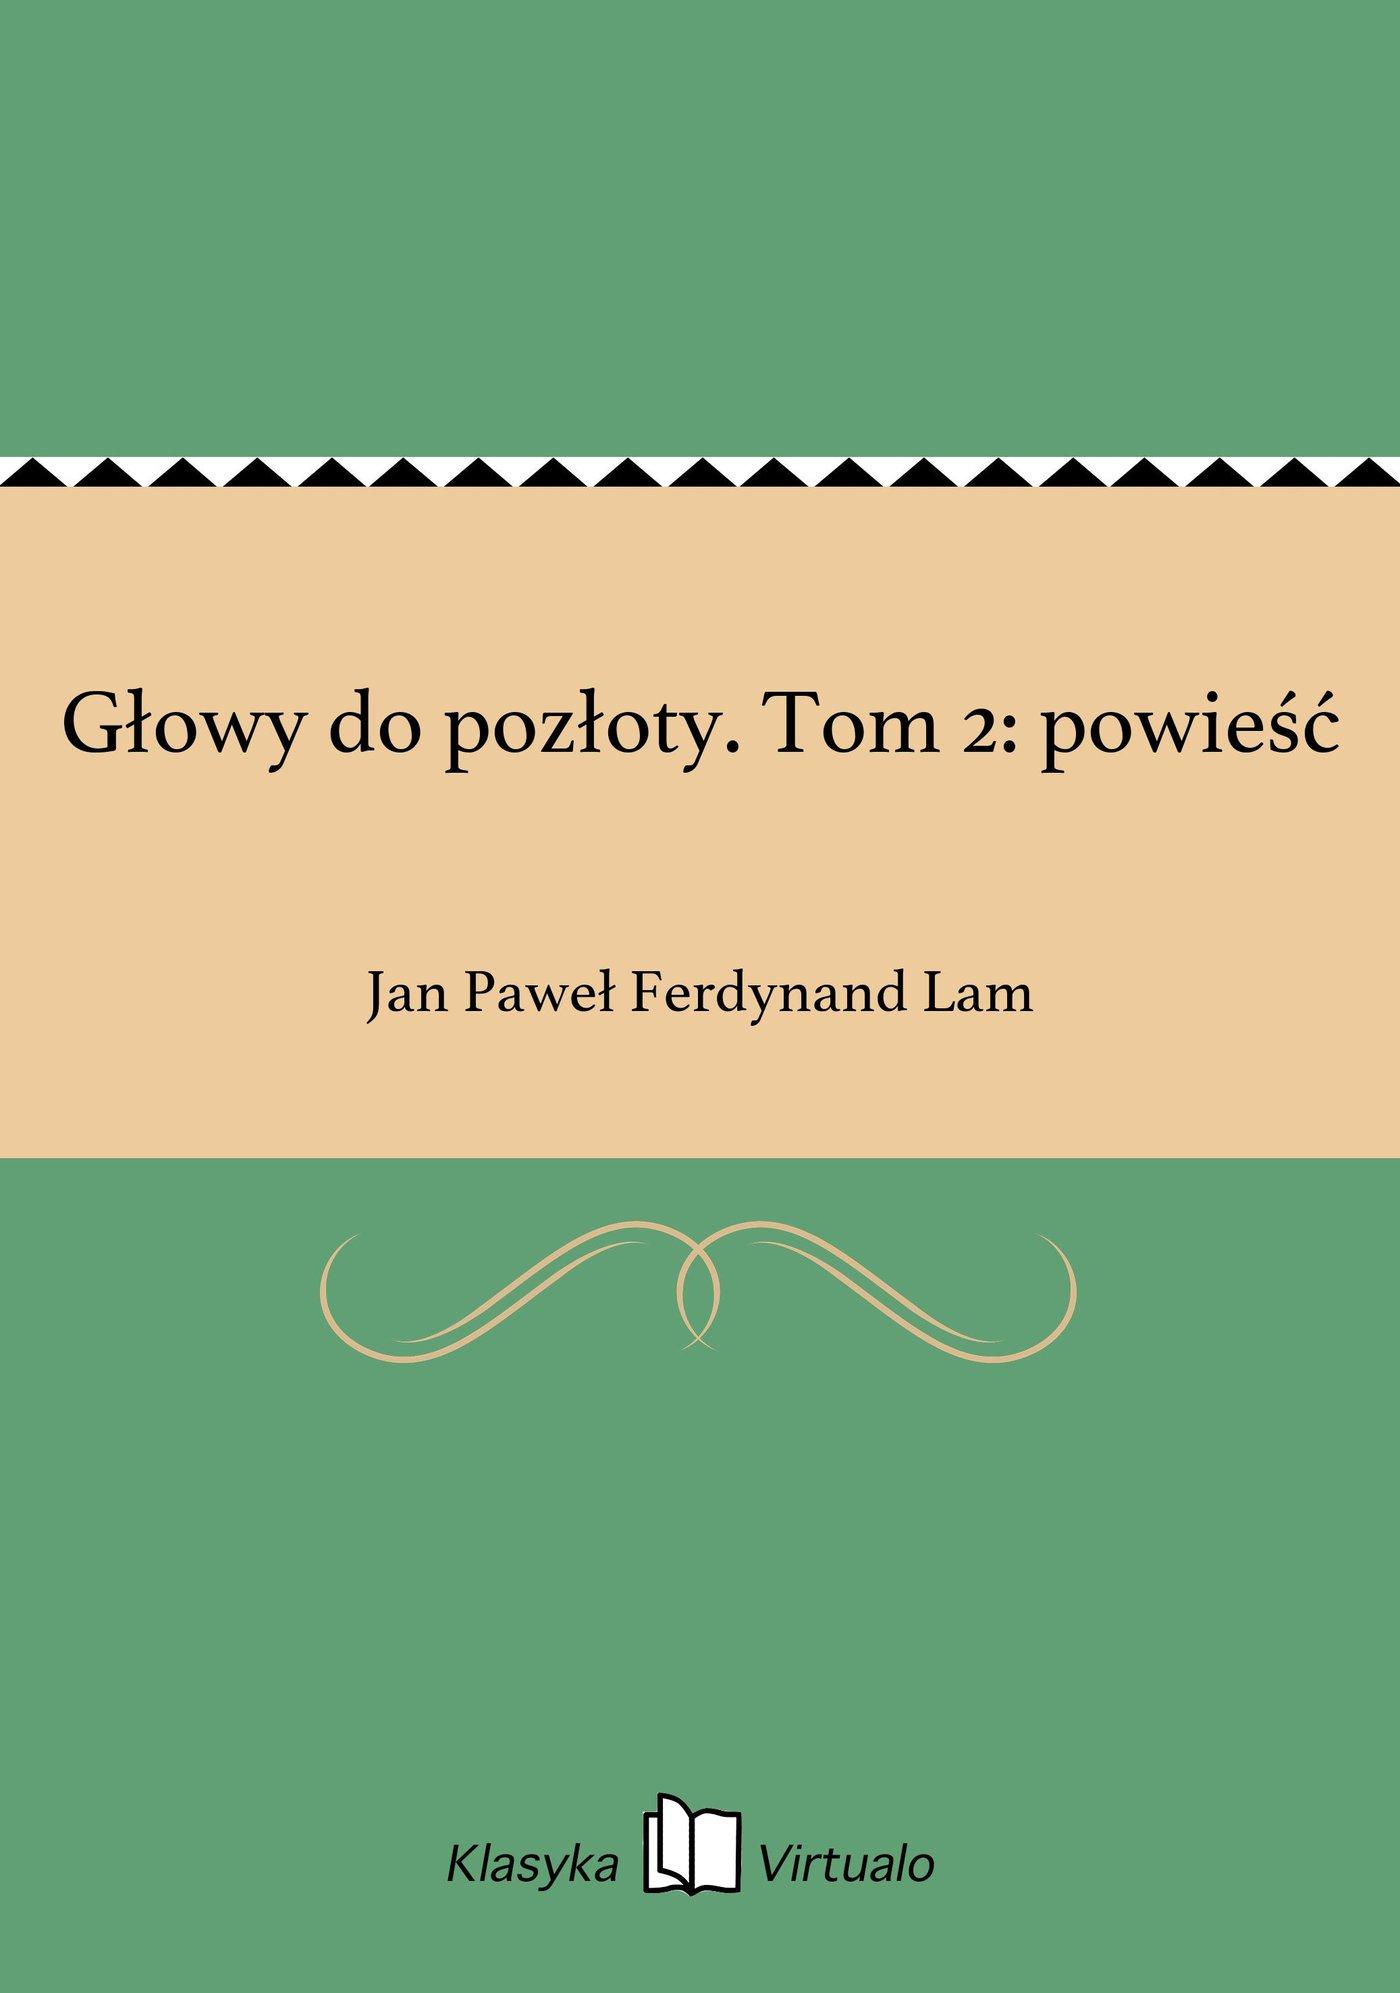 Głowy do pozłoty. Tom 2: powieść - Ebook (Książka na Kindle) do pobrania w formacie MOBI